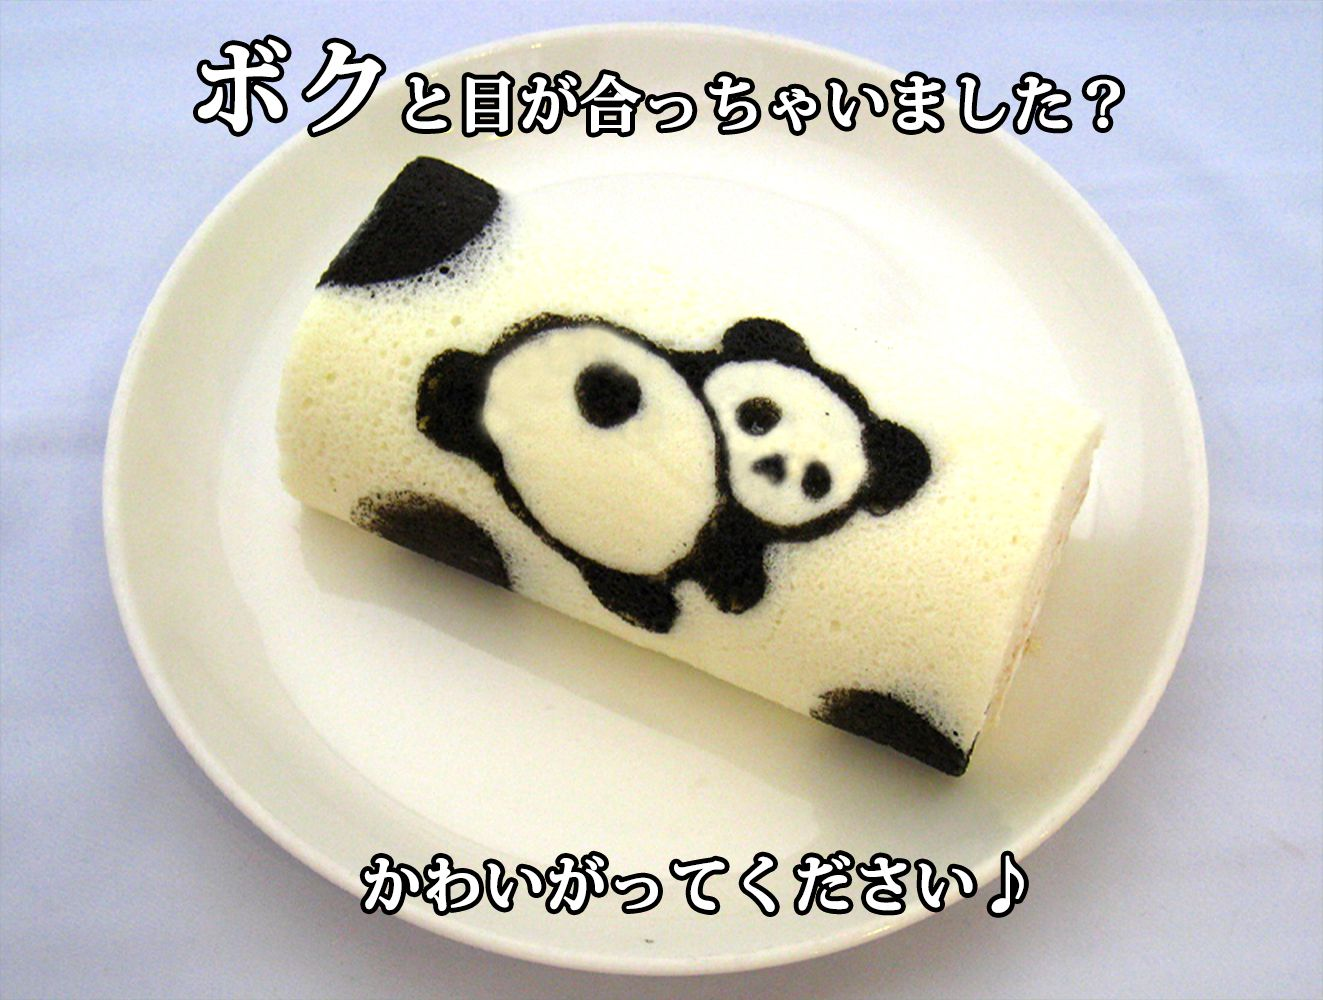 パンダ ケーキ